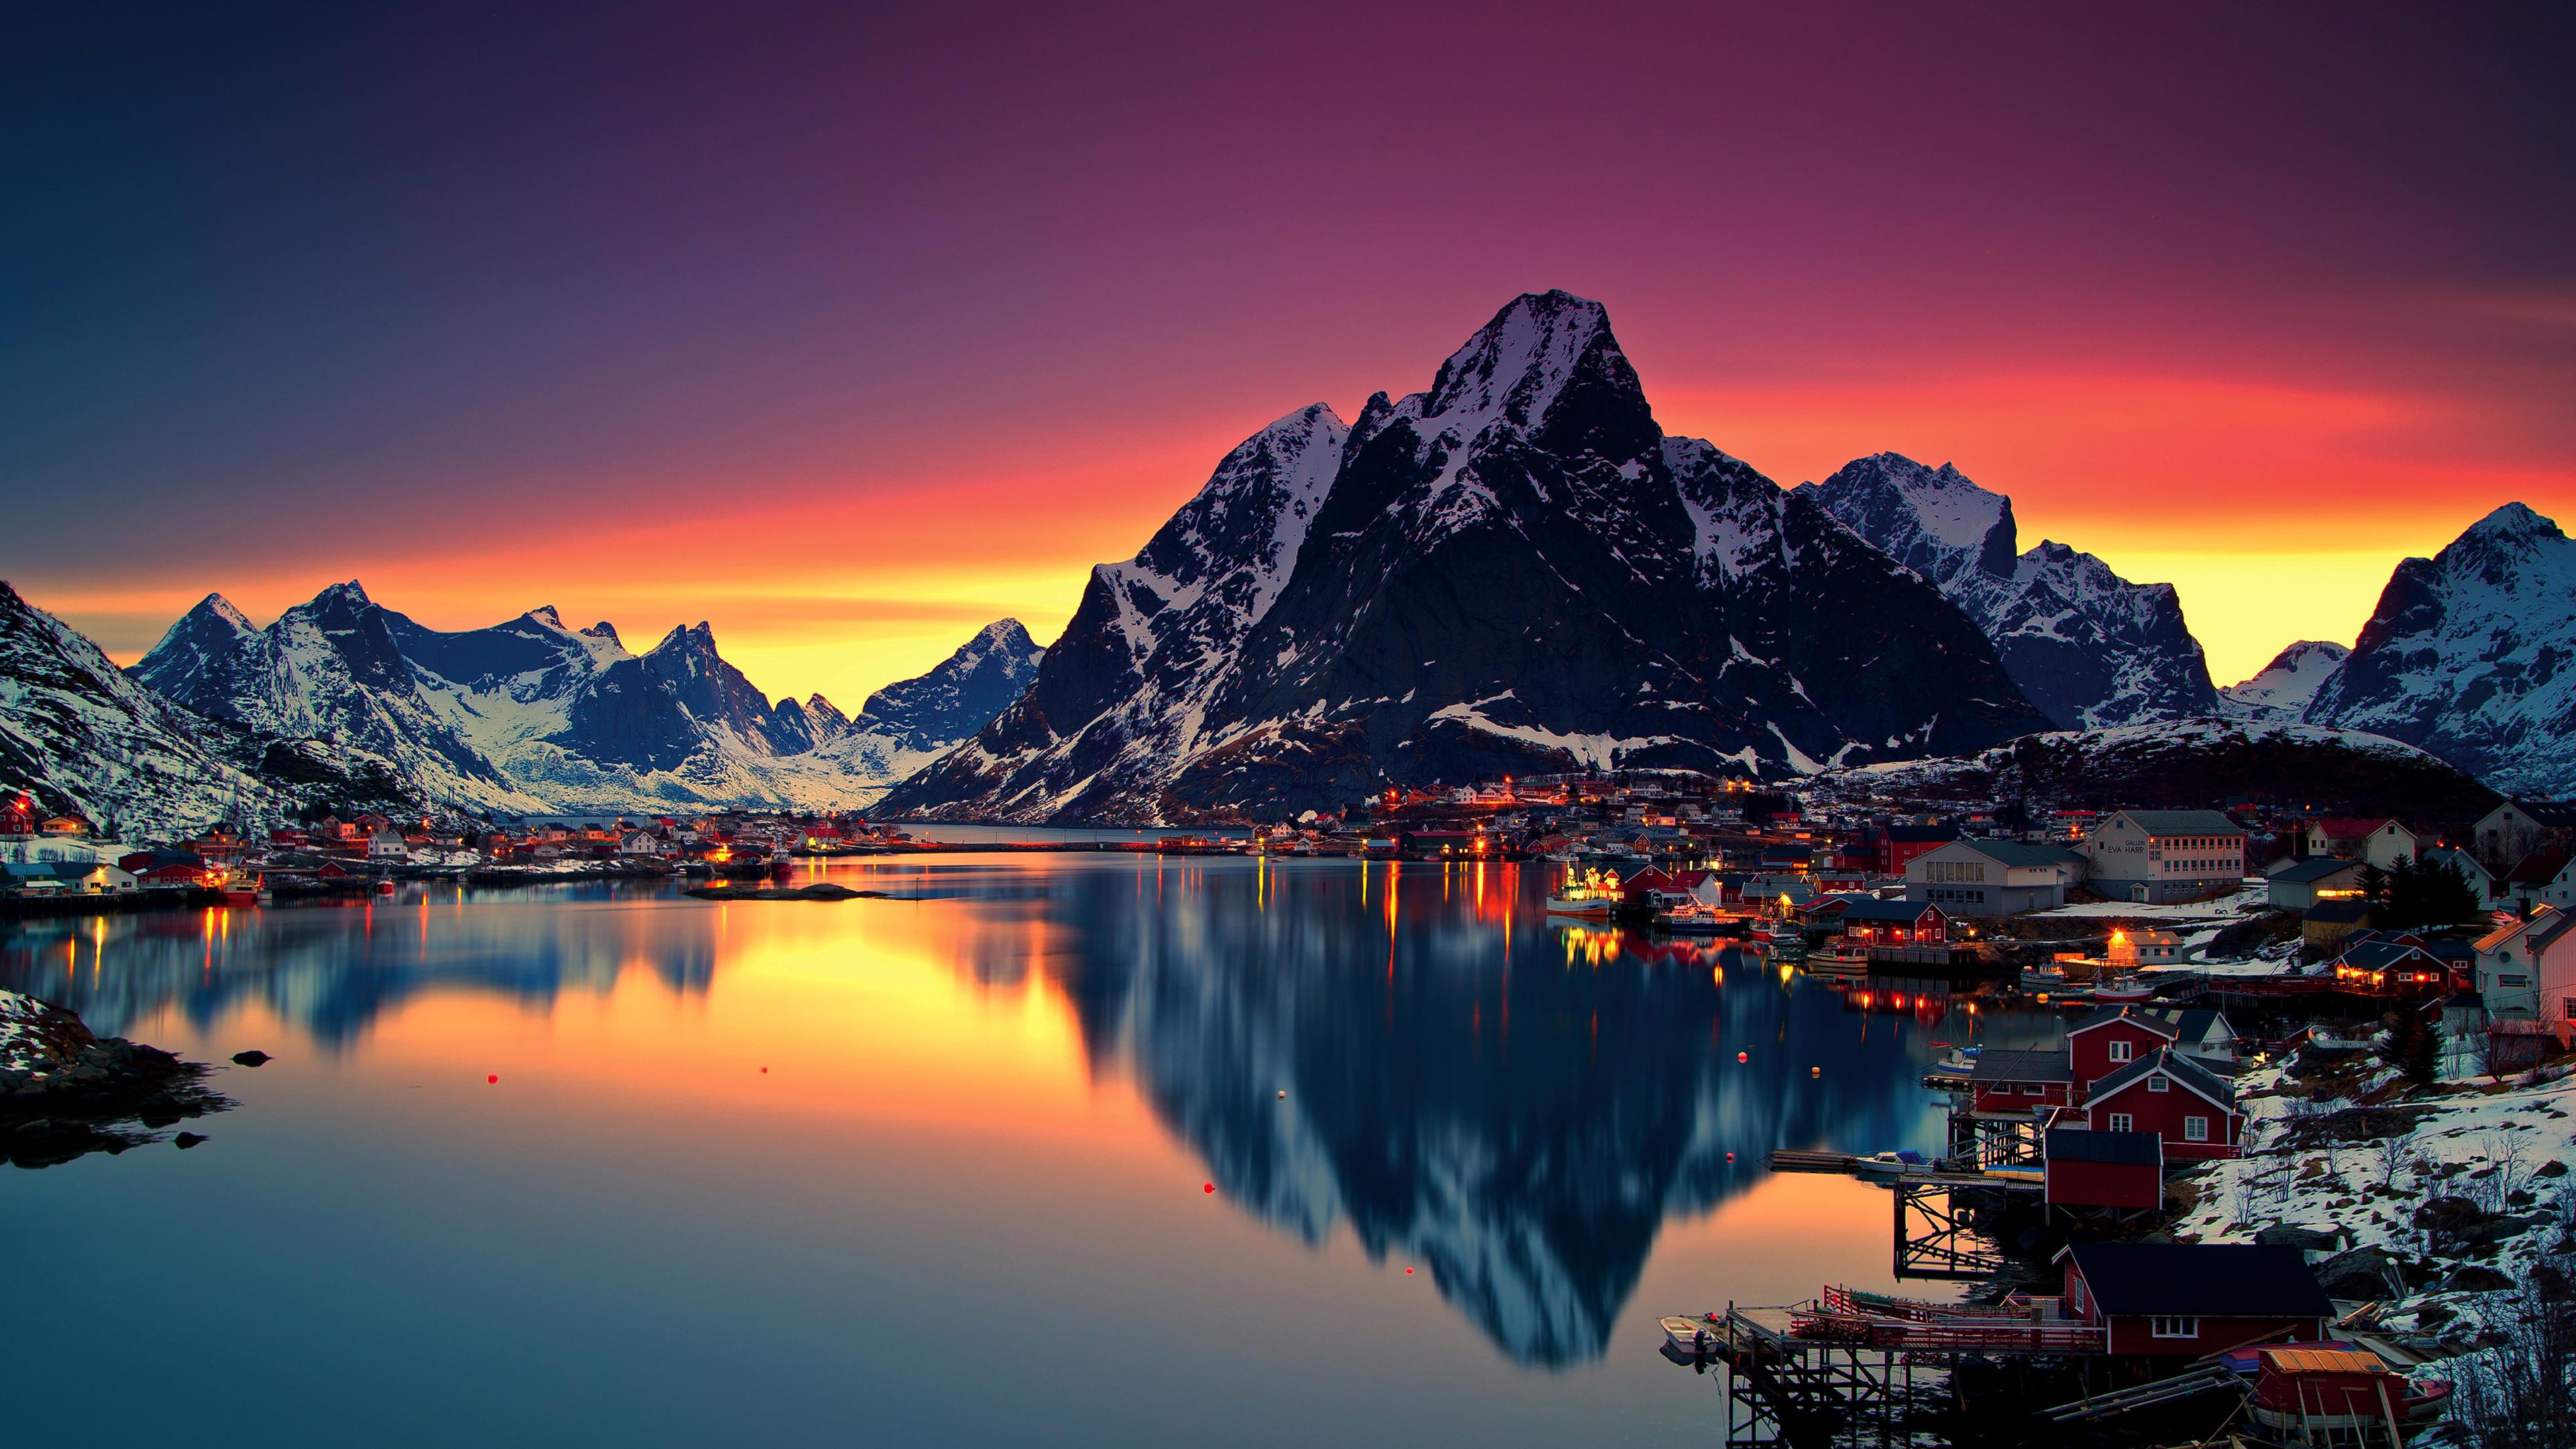 reinebringen mountains in norway 1540142936 - Reinebringen Mountains In Norway - world wallpapers, sunset wallpapers, sunrise wallpapers, reflection wallpapers, norway wallpapers, mountains wallpapers, hd-wallpapers, dusk wallpapers, dawn wallpapers, 4k-wallpapers